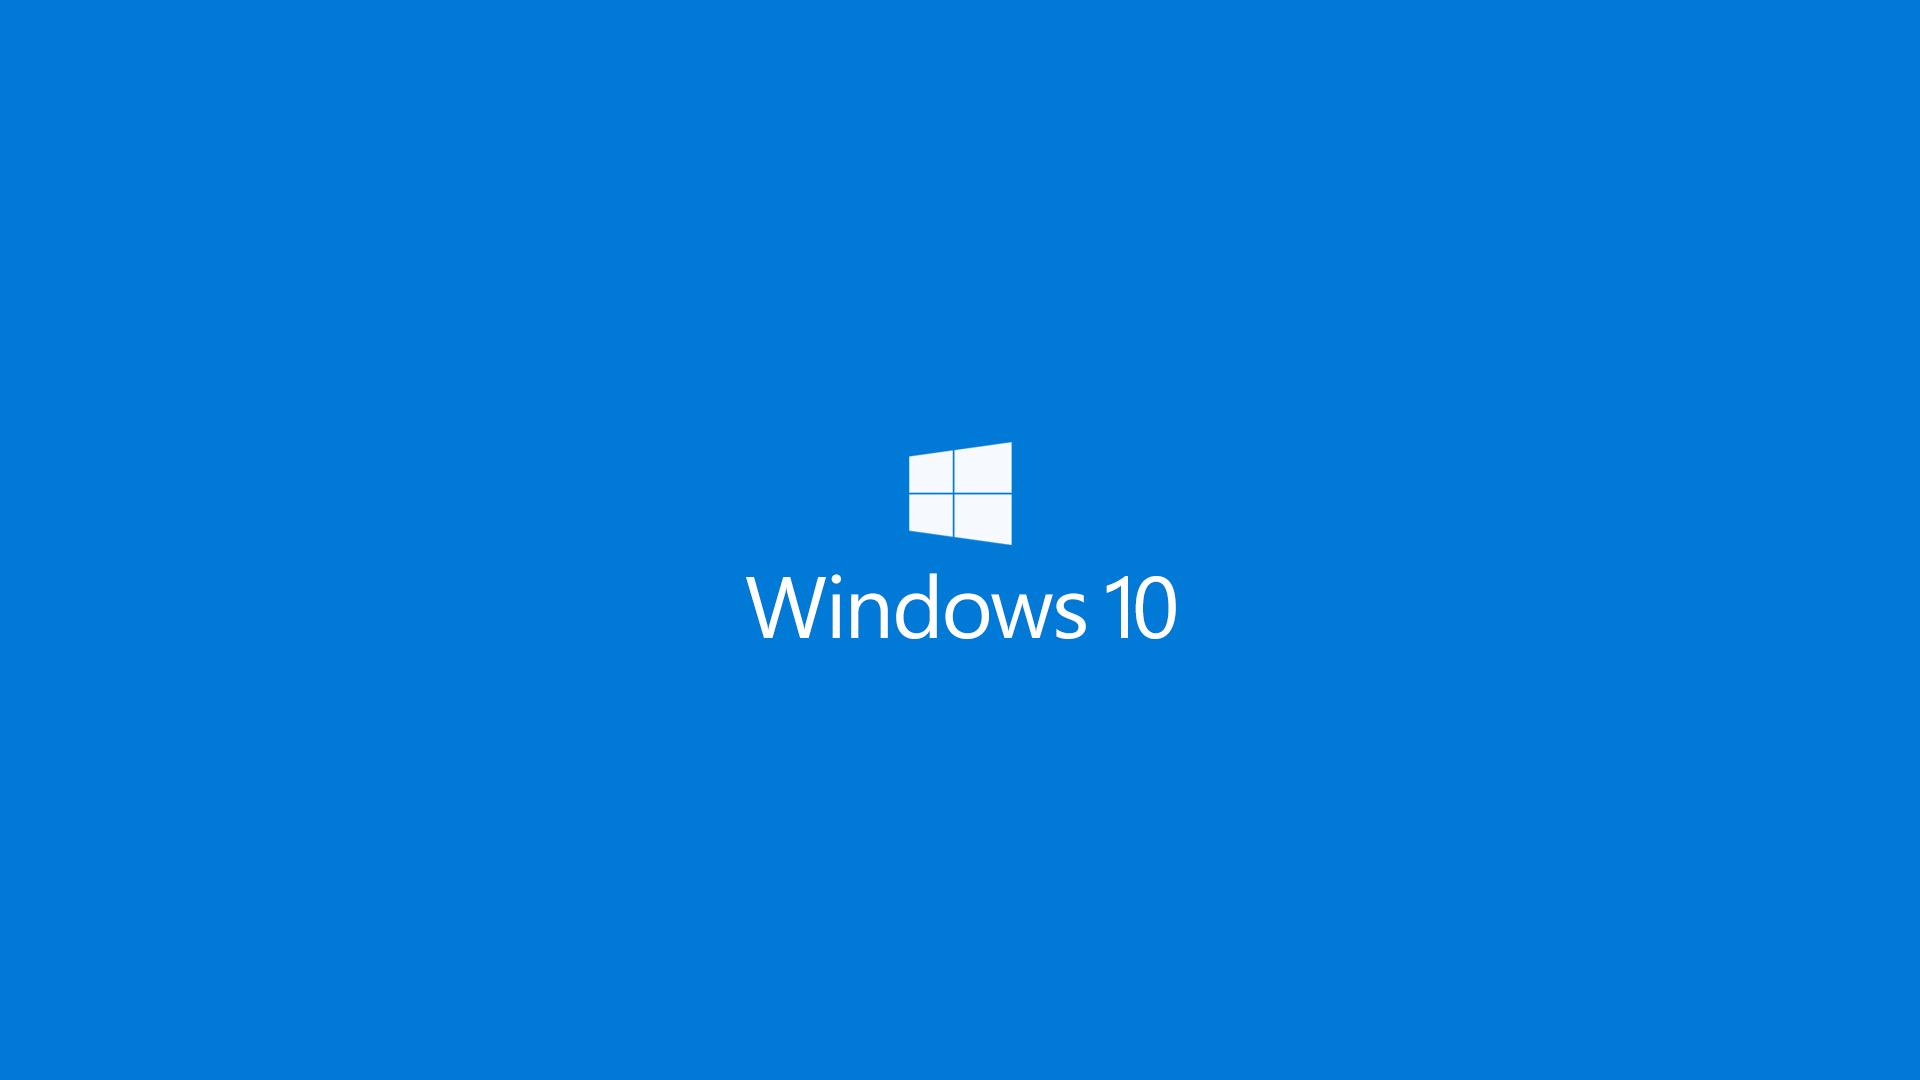 Windows 10 change desktop clipart sizeClipartFest.